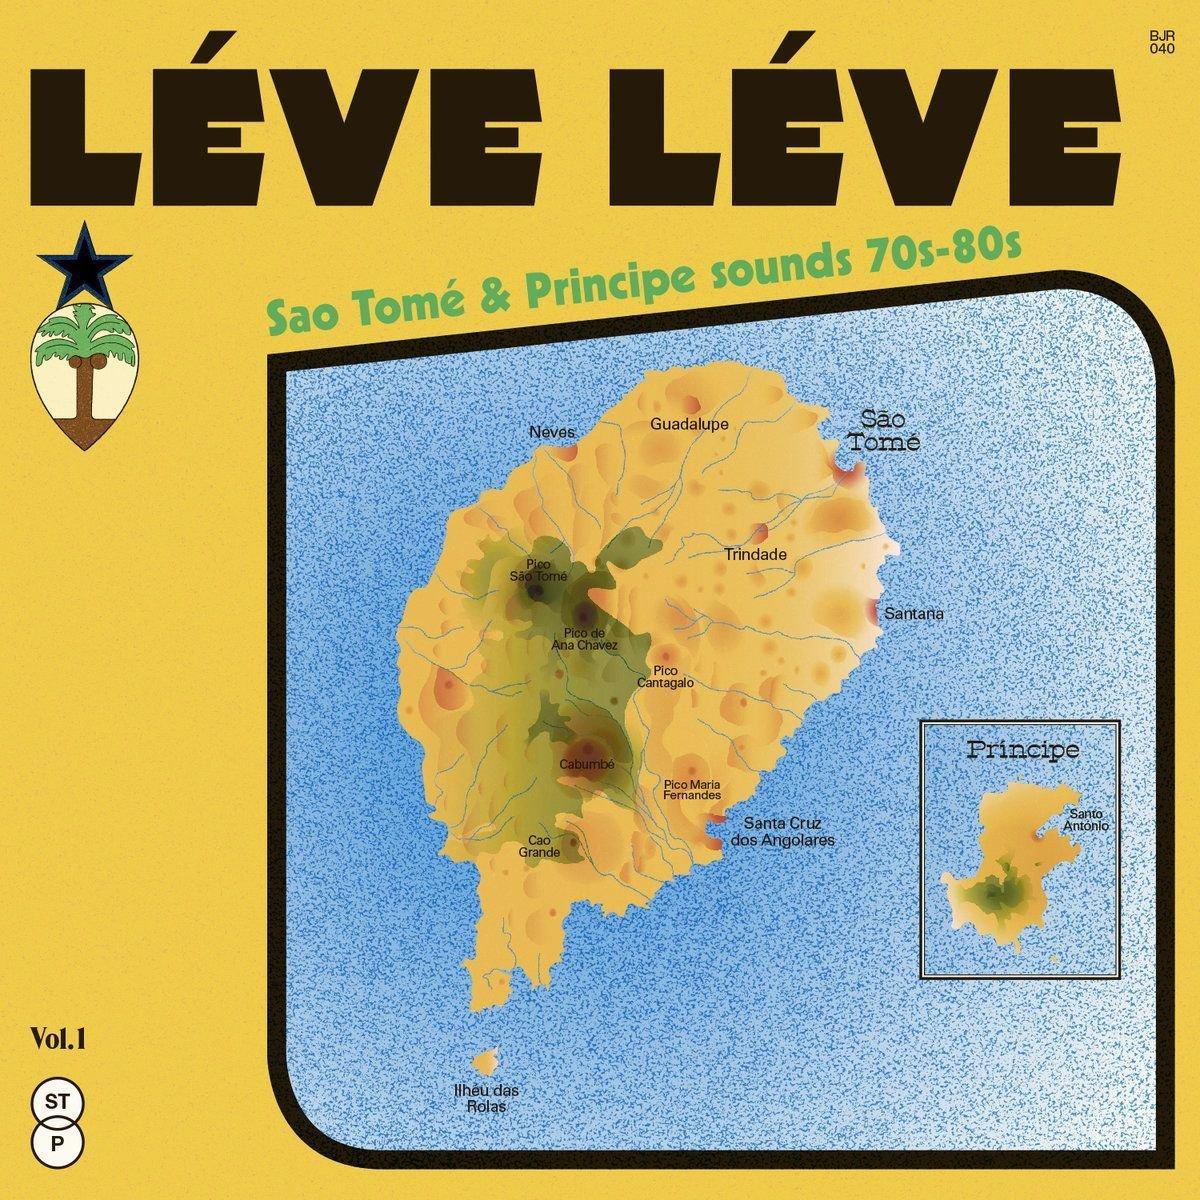 Het rijke, complexe en eigenzinnig muzikaal DNA van São Tomé en Principe